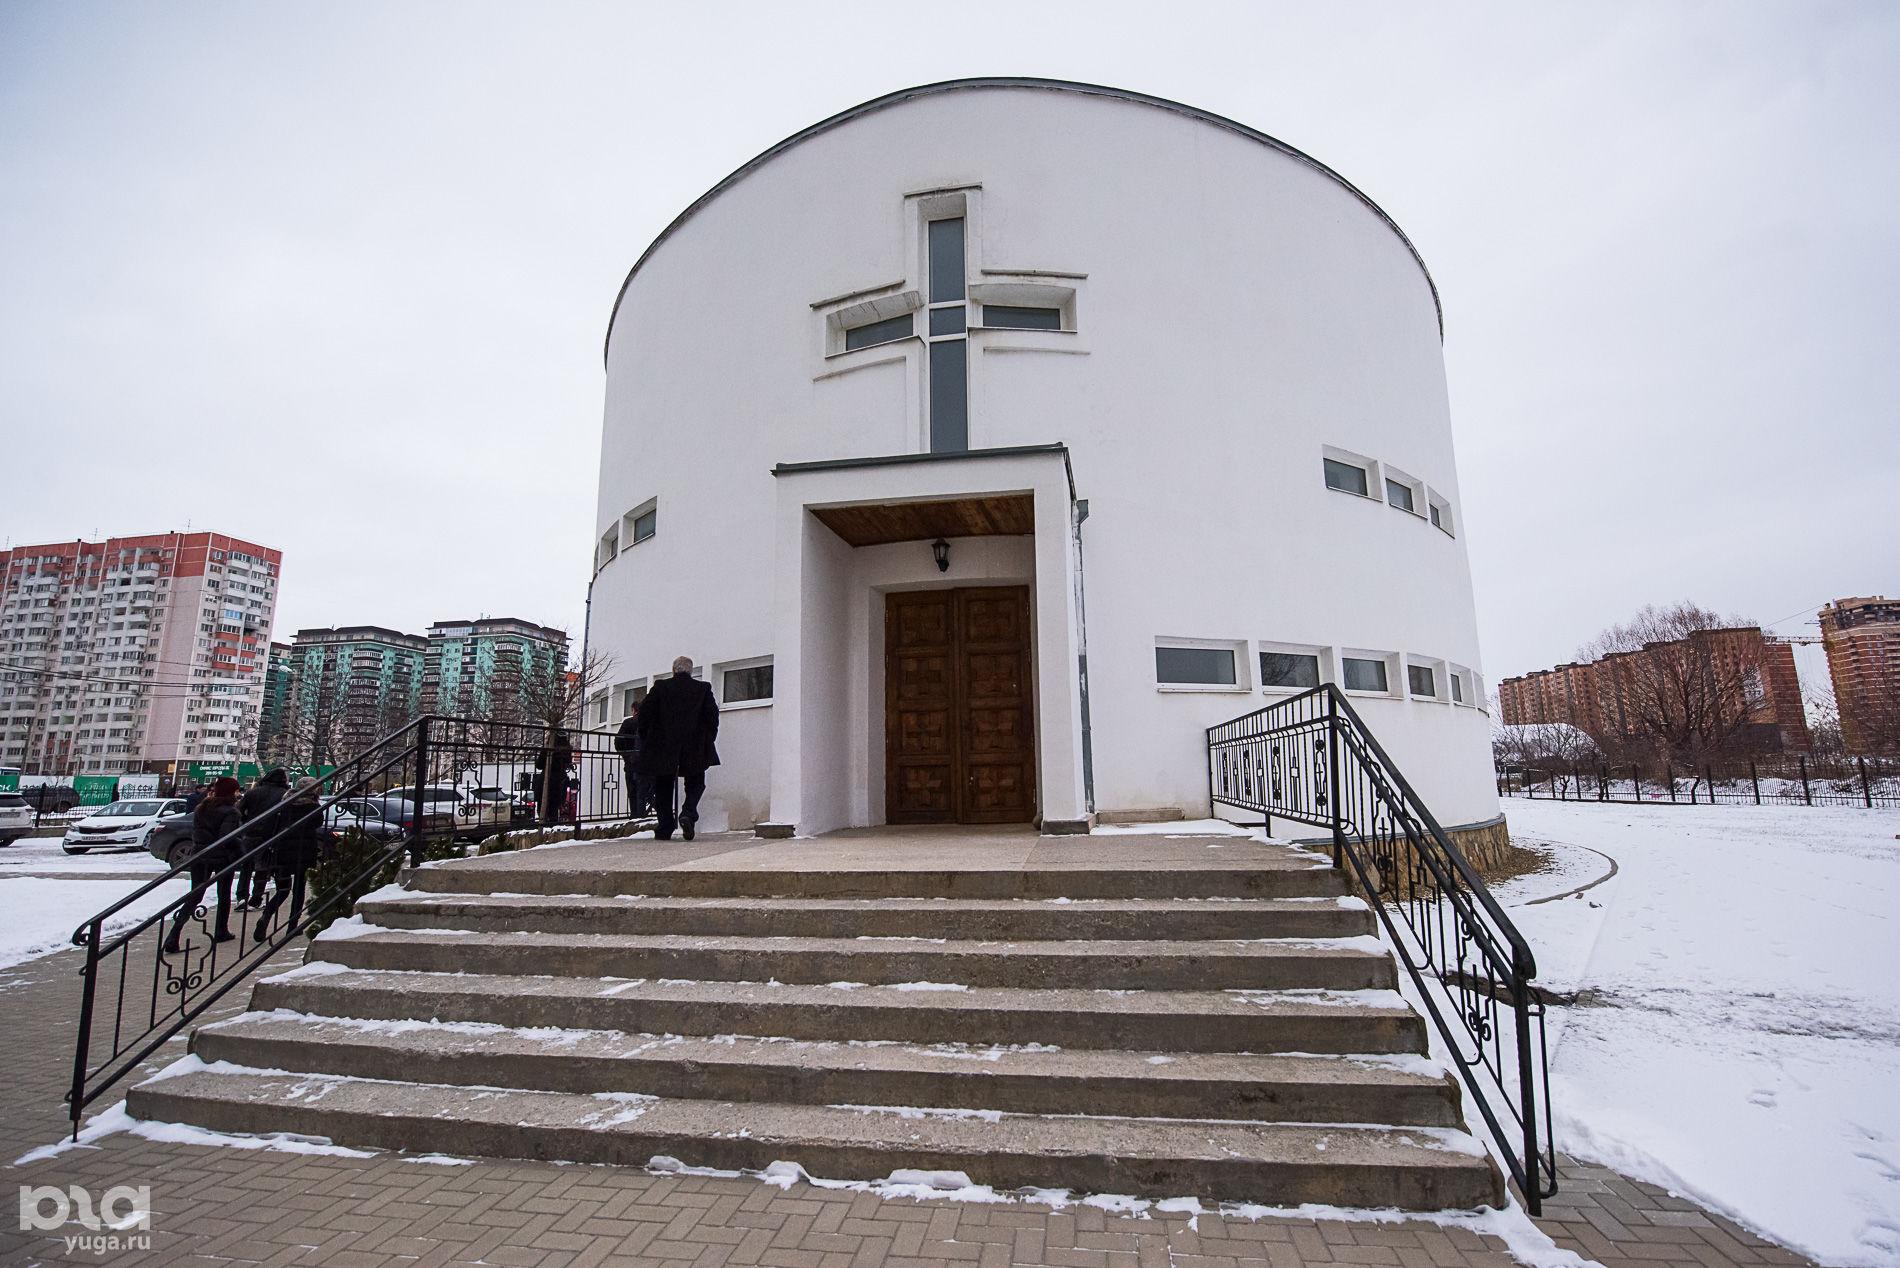 Костел Святого Либория, ул. 40 лет Победы, 172 ©Елена Синеок, Юга.ру